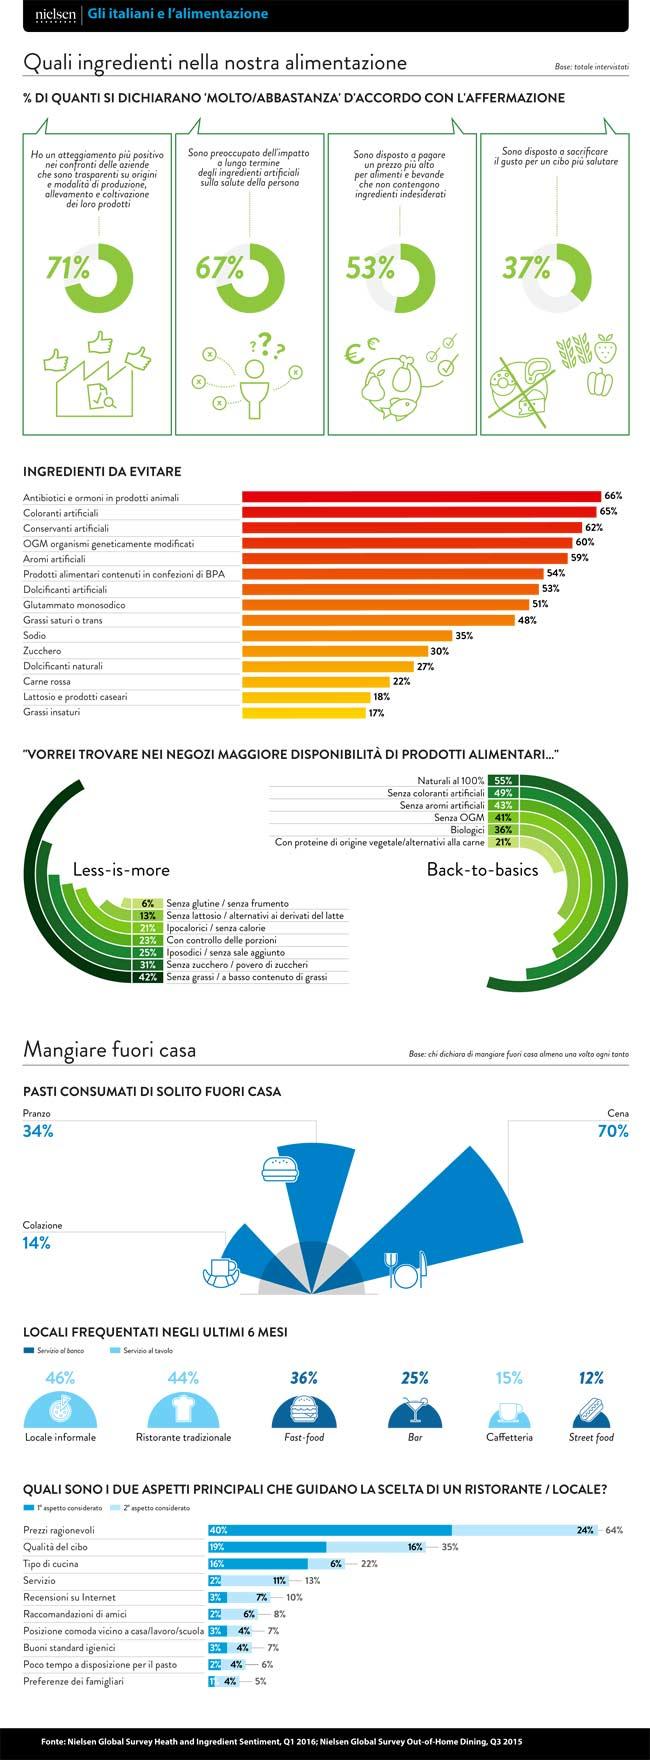 Infografica-Italiani-e-Alimentazione---new